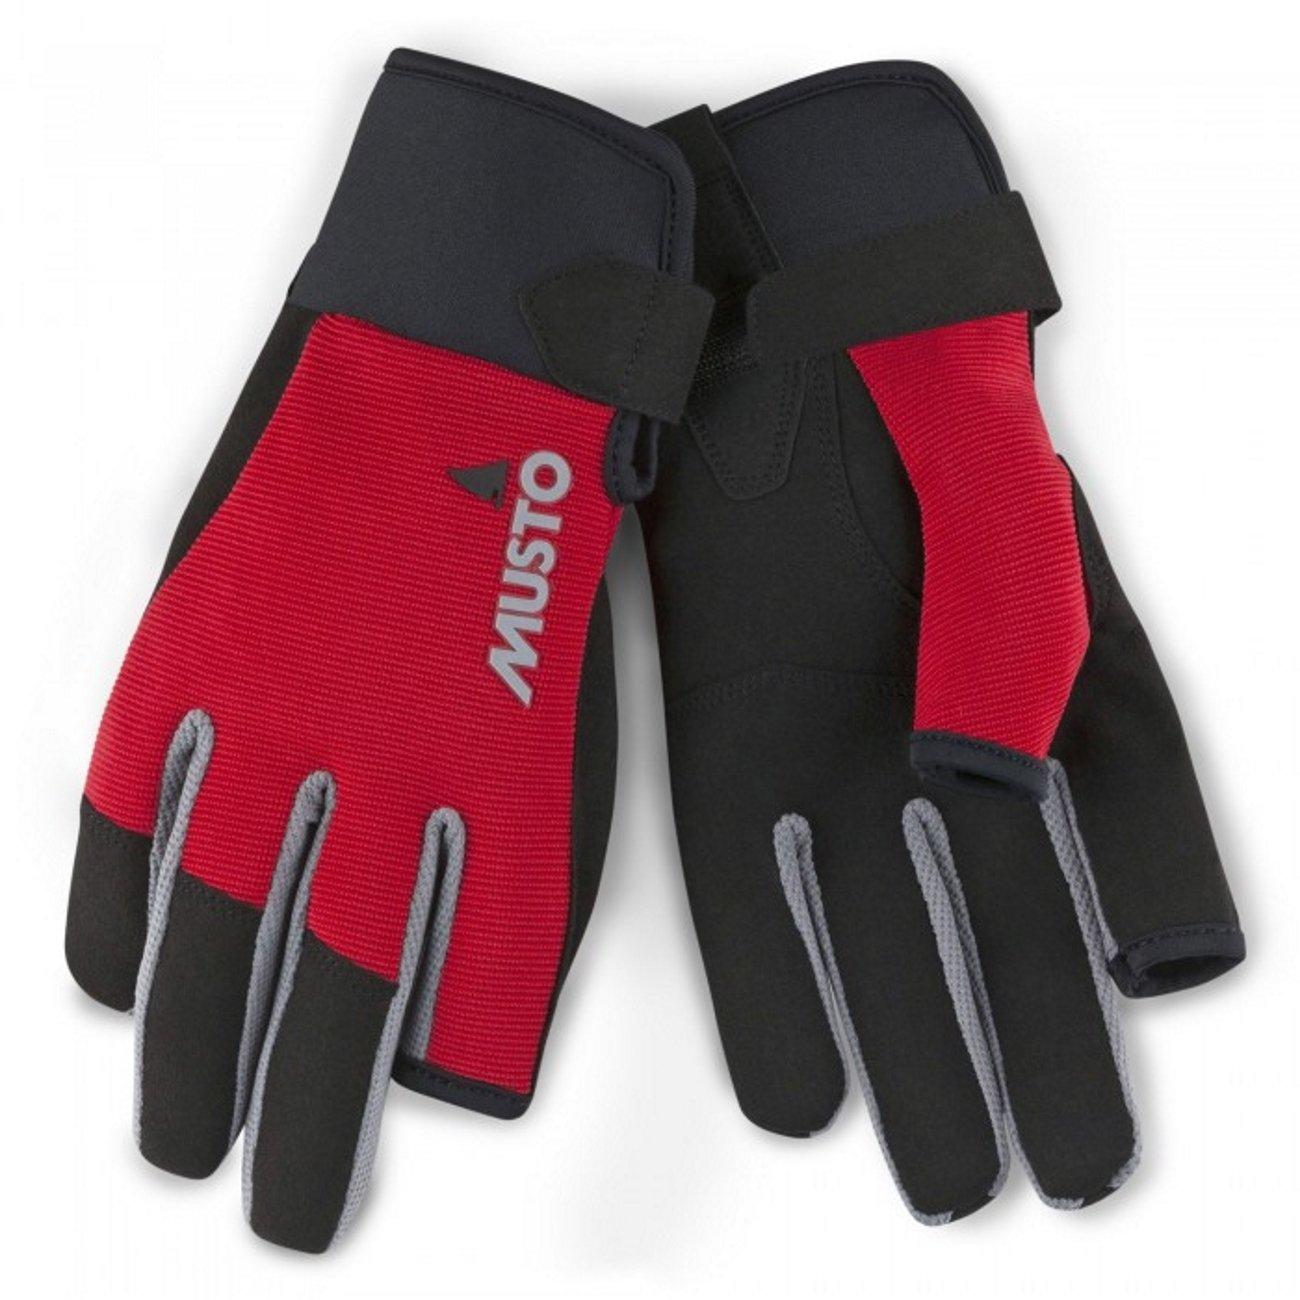 特価ブランド Musto Long Essential Long Finger Sailing Gloves – 2018 B079J3N87M – Musto True Red B079J3N87M Large, DVDCDケース卸販売コーサカ:81e00955 --- ciadaterra.com